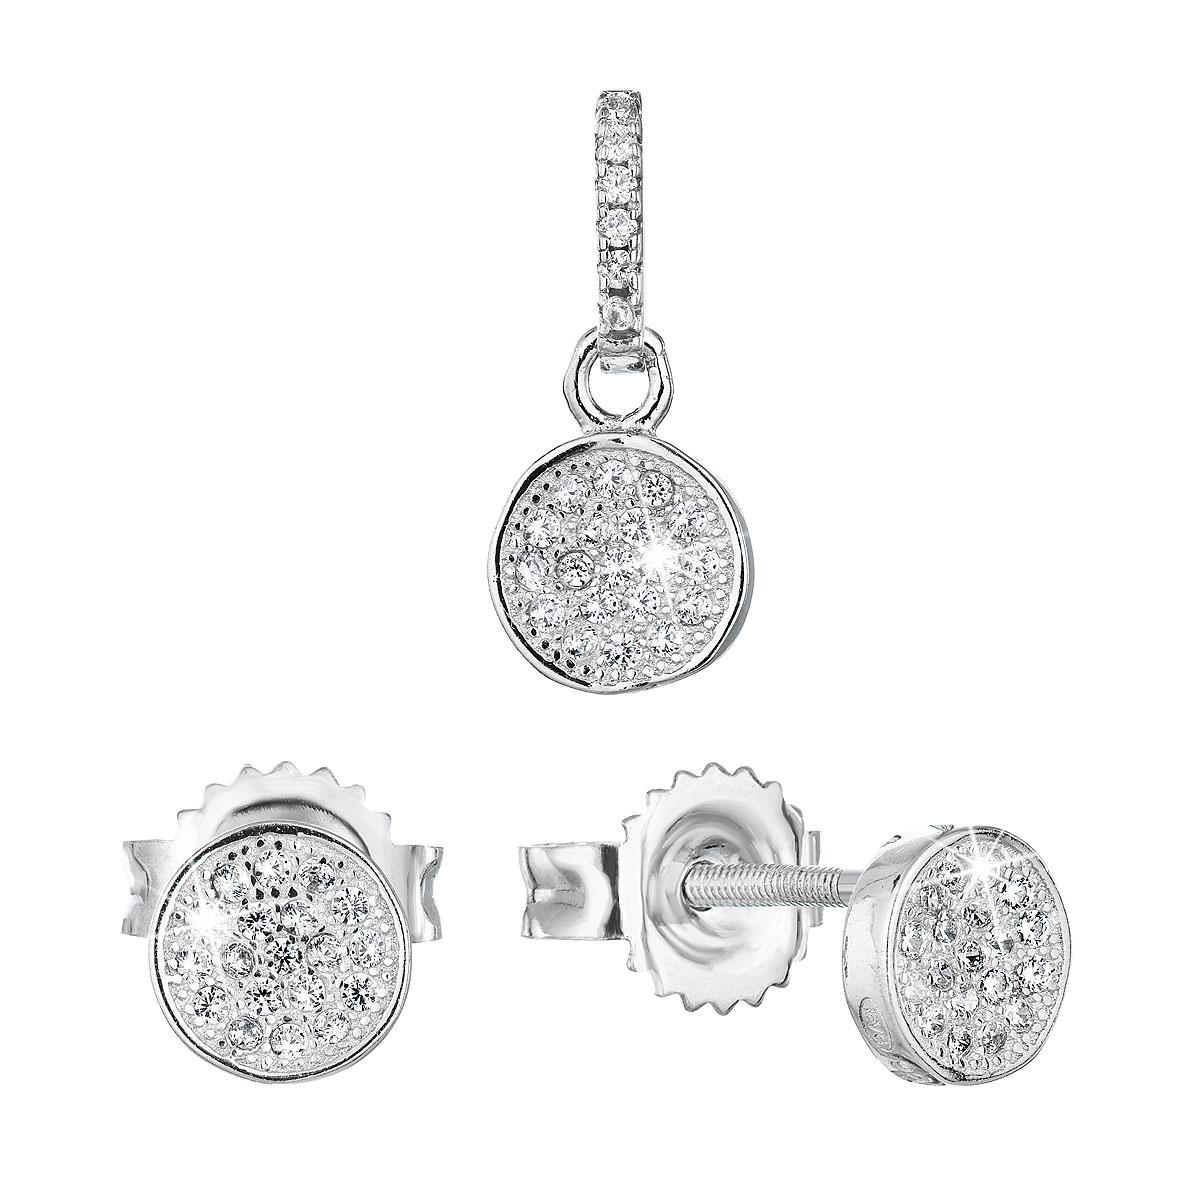 Evolution Group Sada šperků se zirkonem náušnice a přívěsek bílé kulaté 19028.1